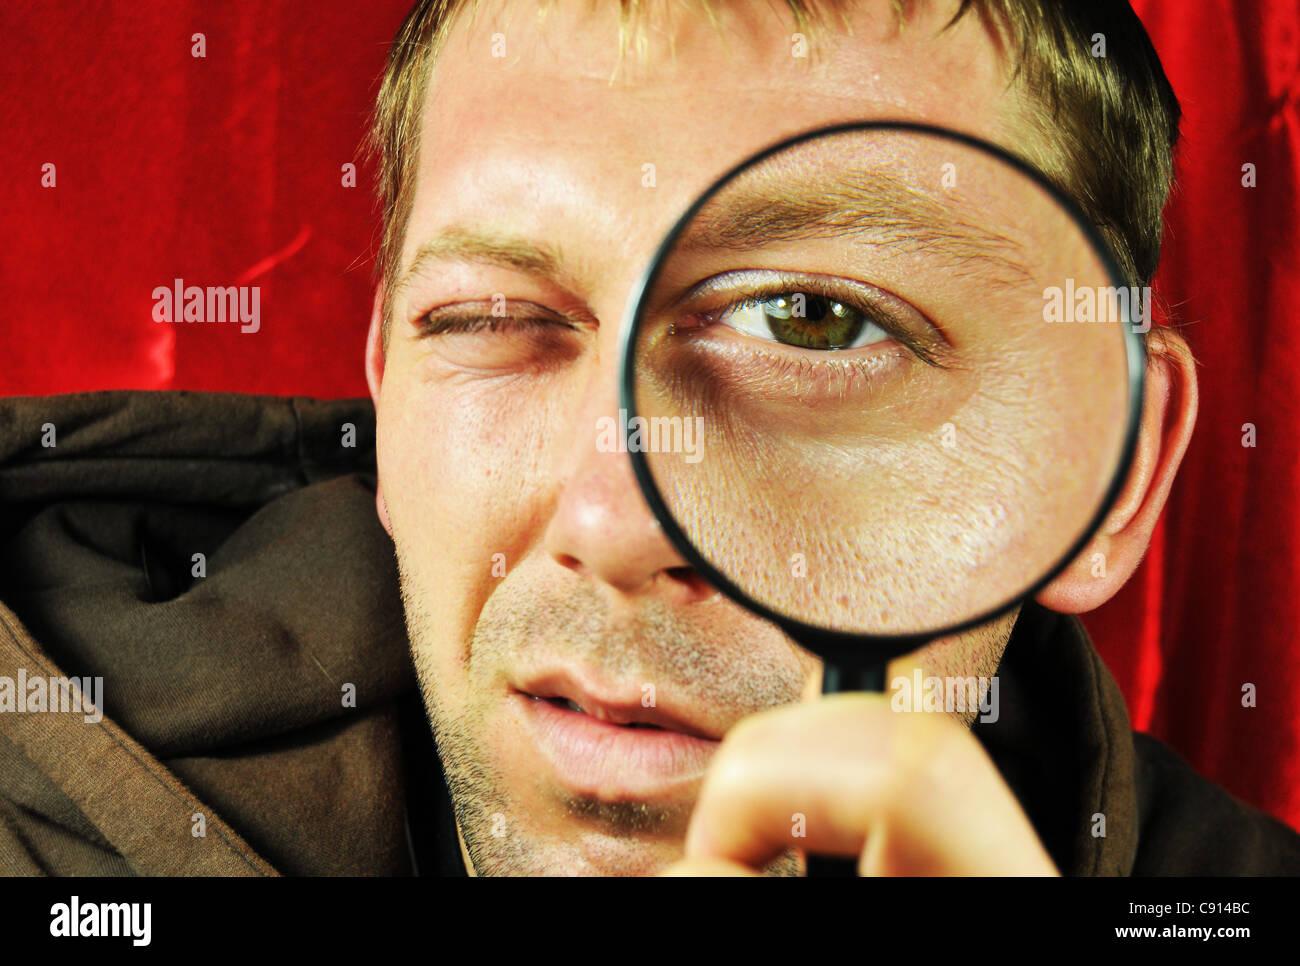 Concetto di ricerca Immagini Stock